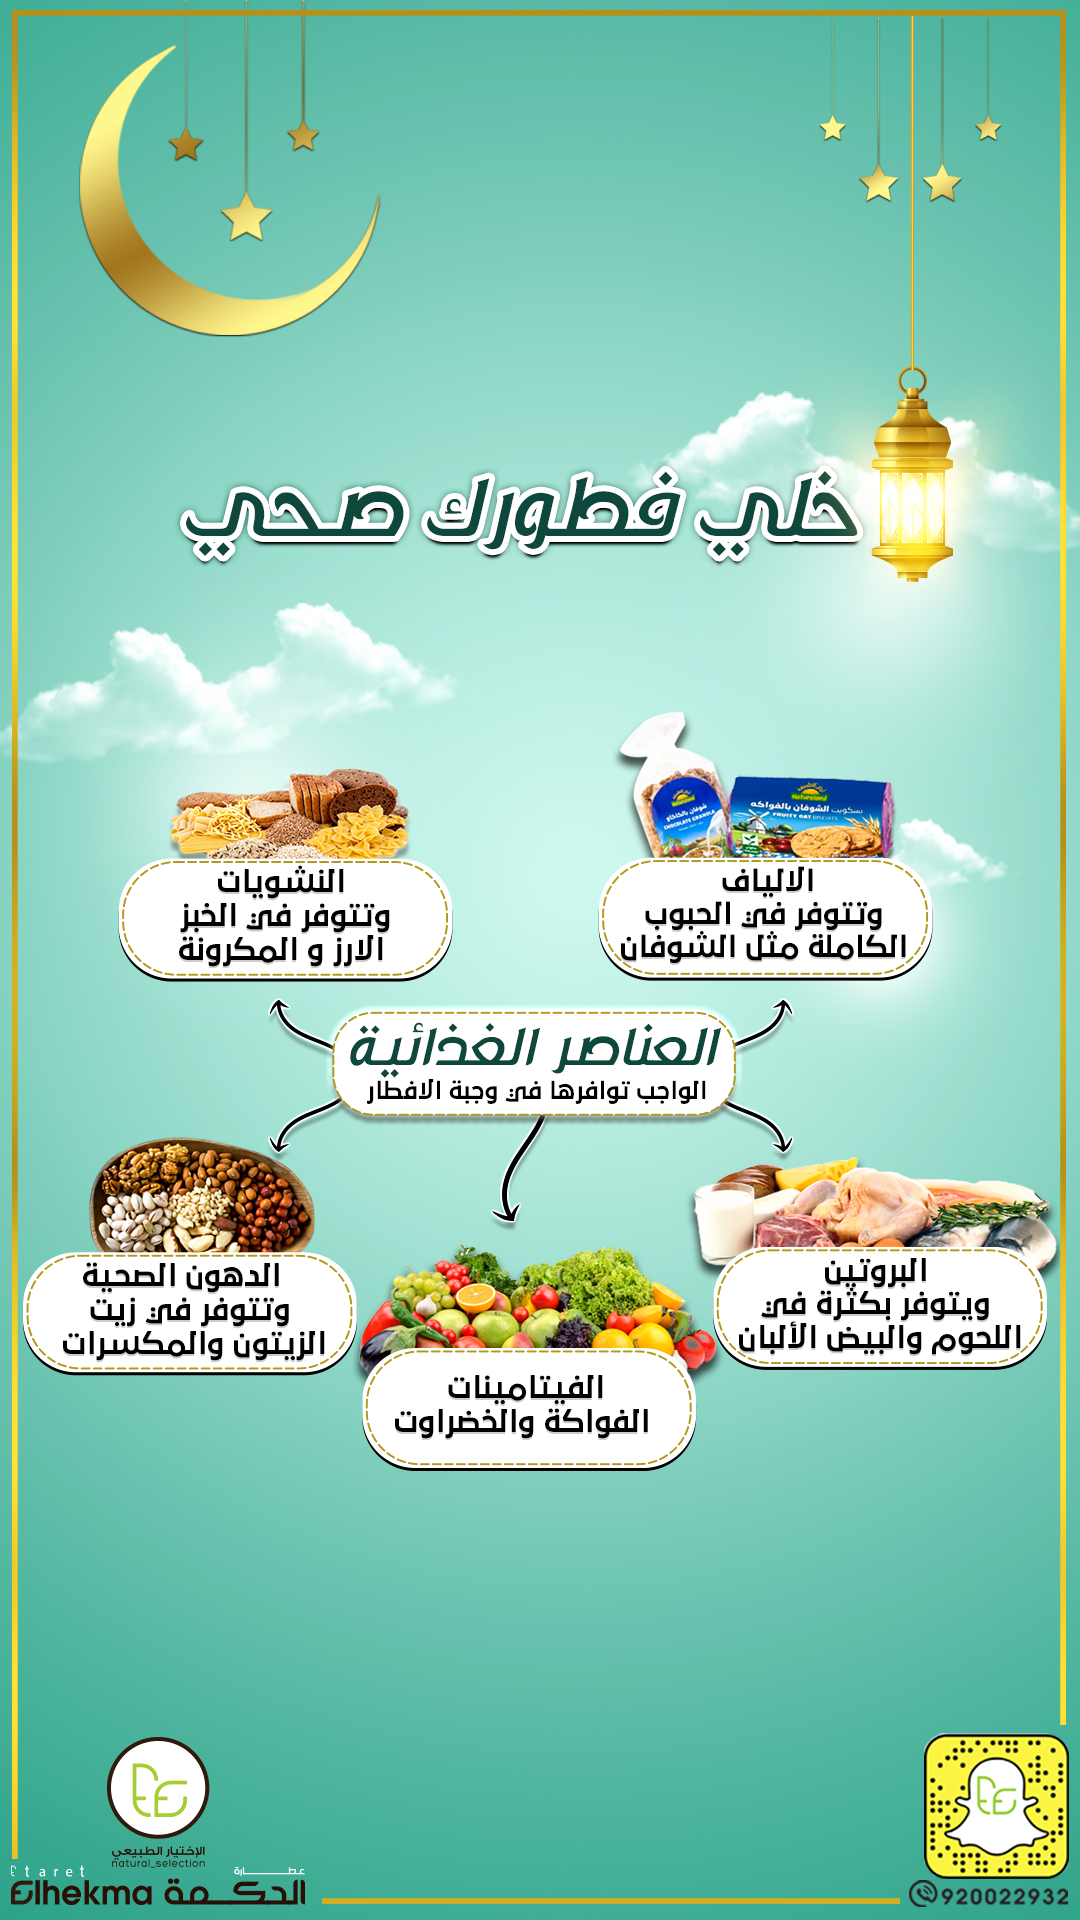 سموذي الافطار الصحي Healthy Breakfast Smoothie Diet Recipes Recipes Tableware